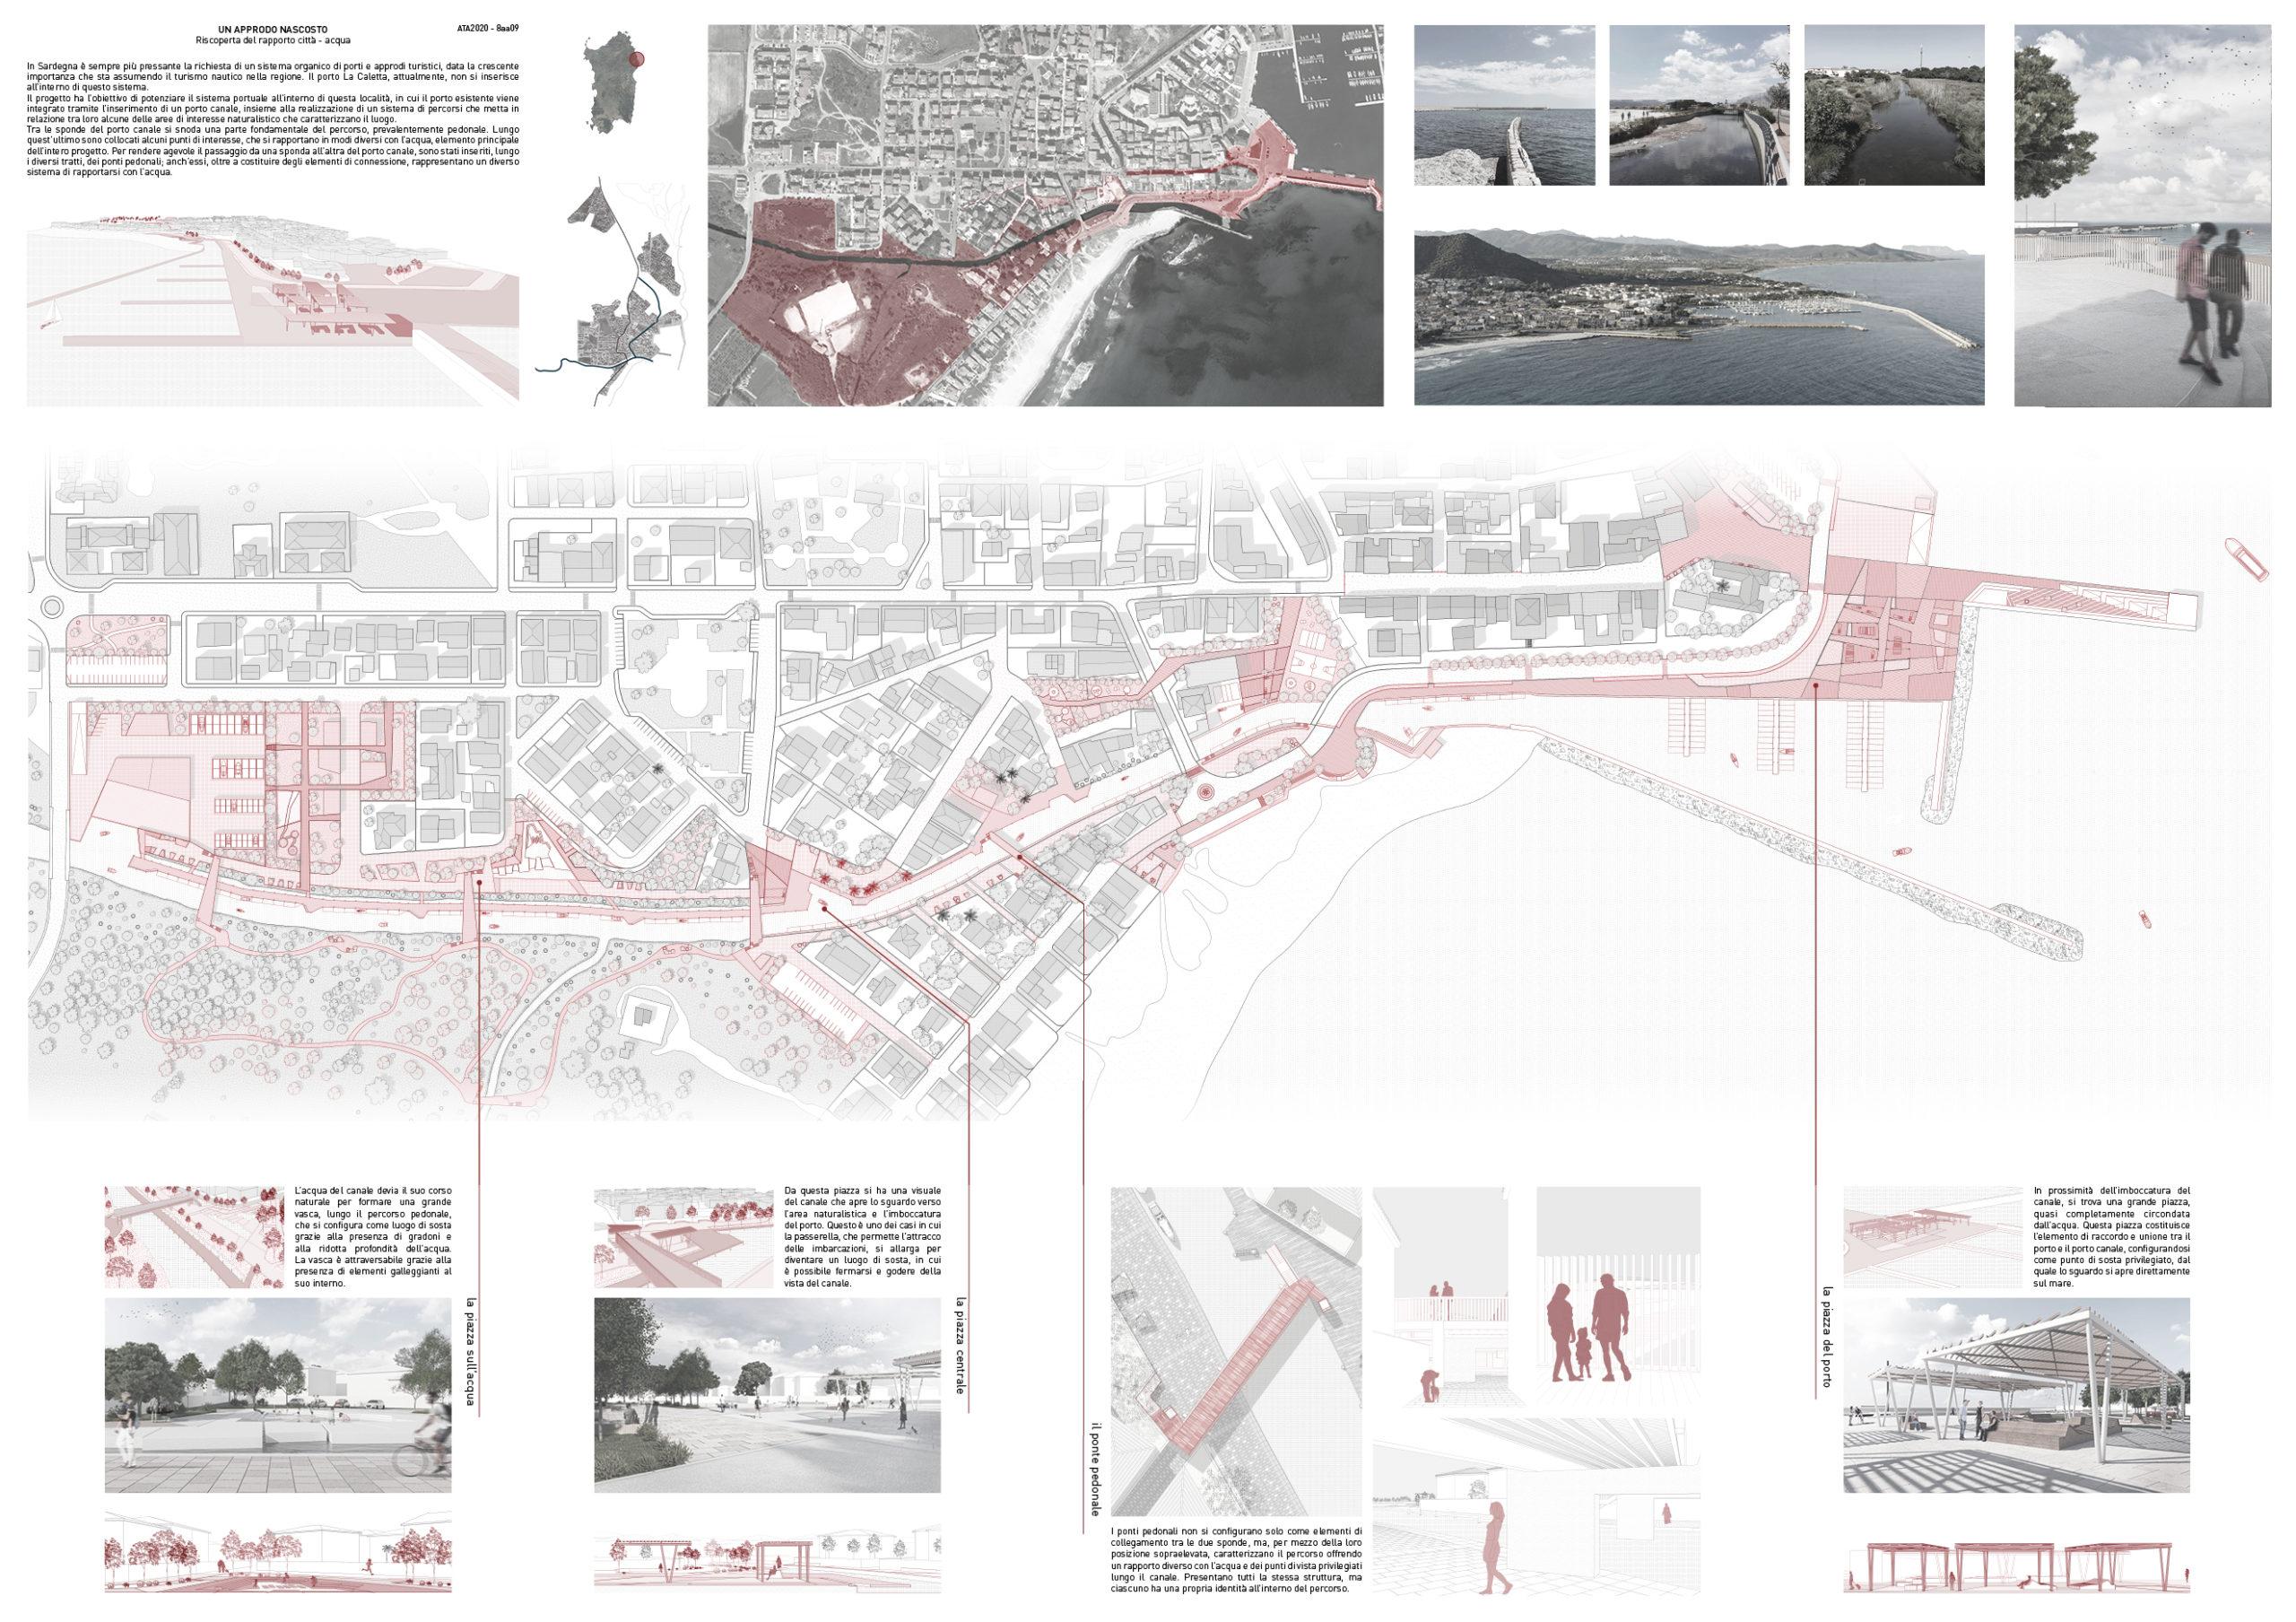 Un approdo nascosto: riscoperta del rapporto città-acqua Board